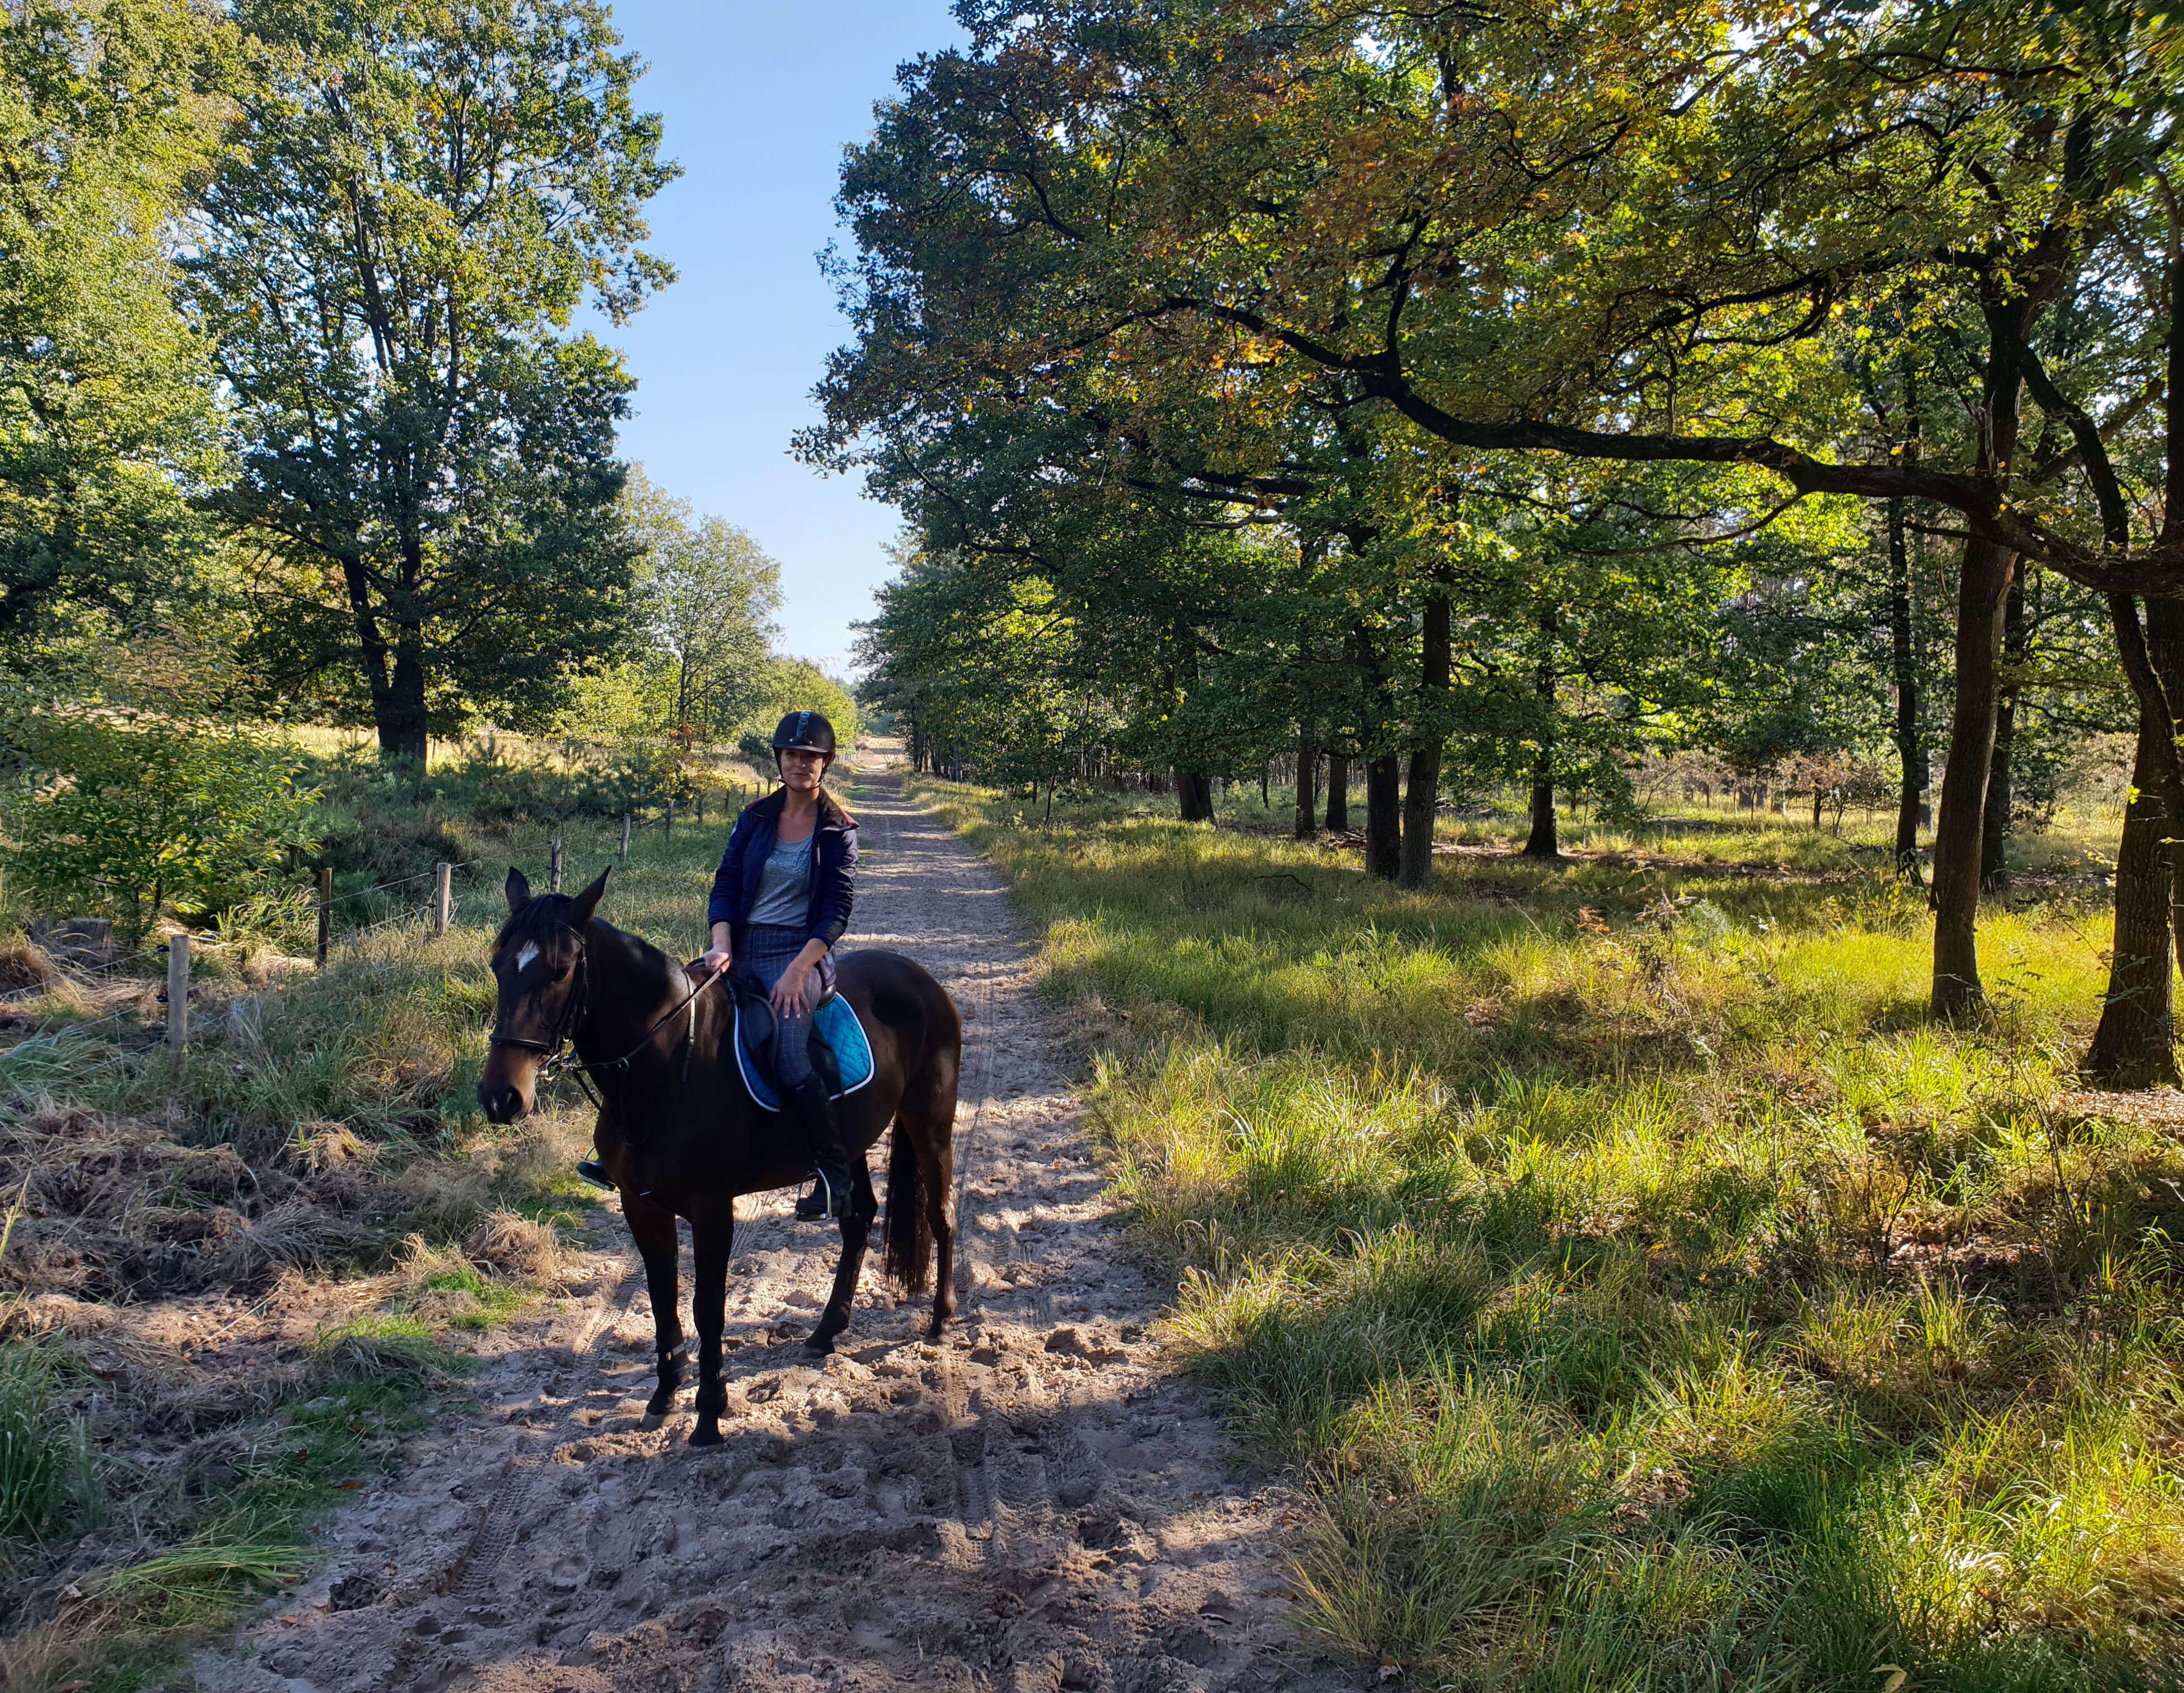 Dagje paardrijden in Nationaal Park De Meinweg in Limburg